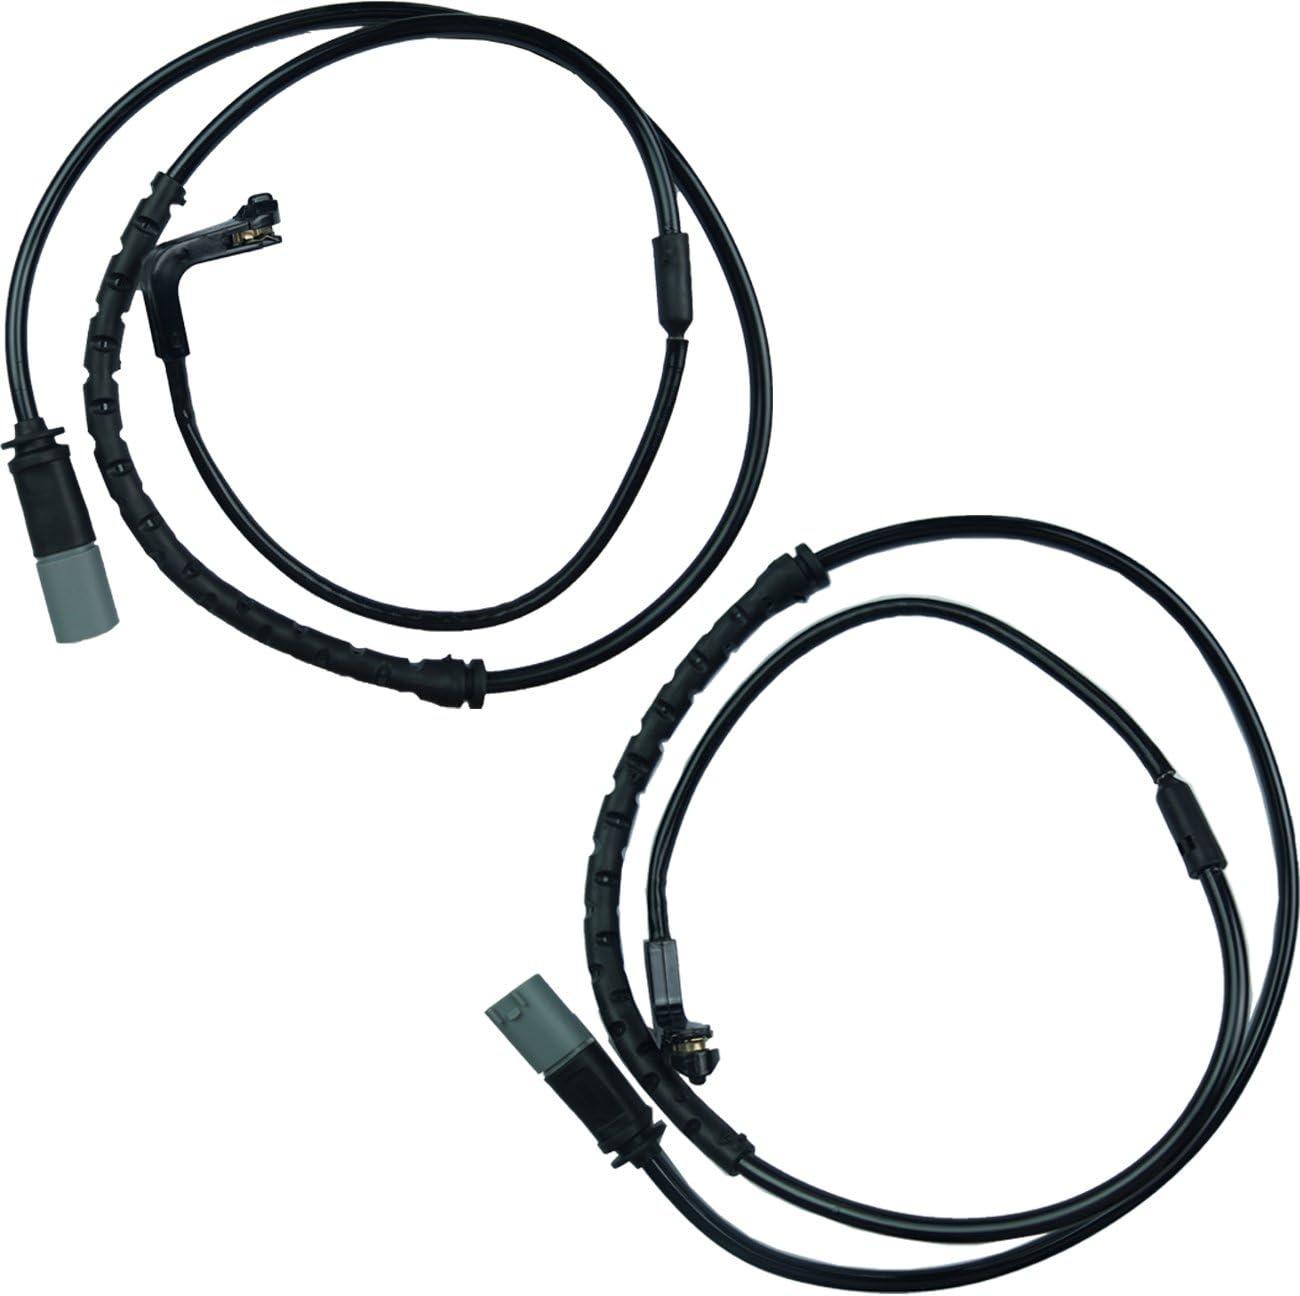 New Rear Disc Brake Pad Wear Sensor For 2007 2008 2009 2010 BMW  E70 E71 X5 X6